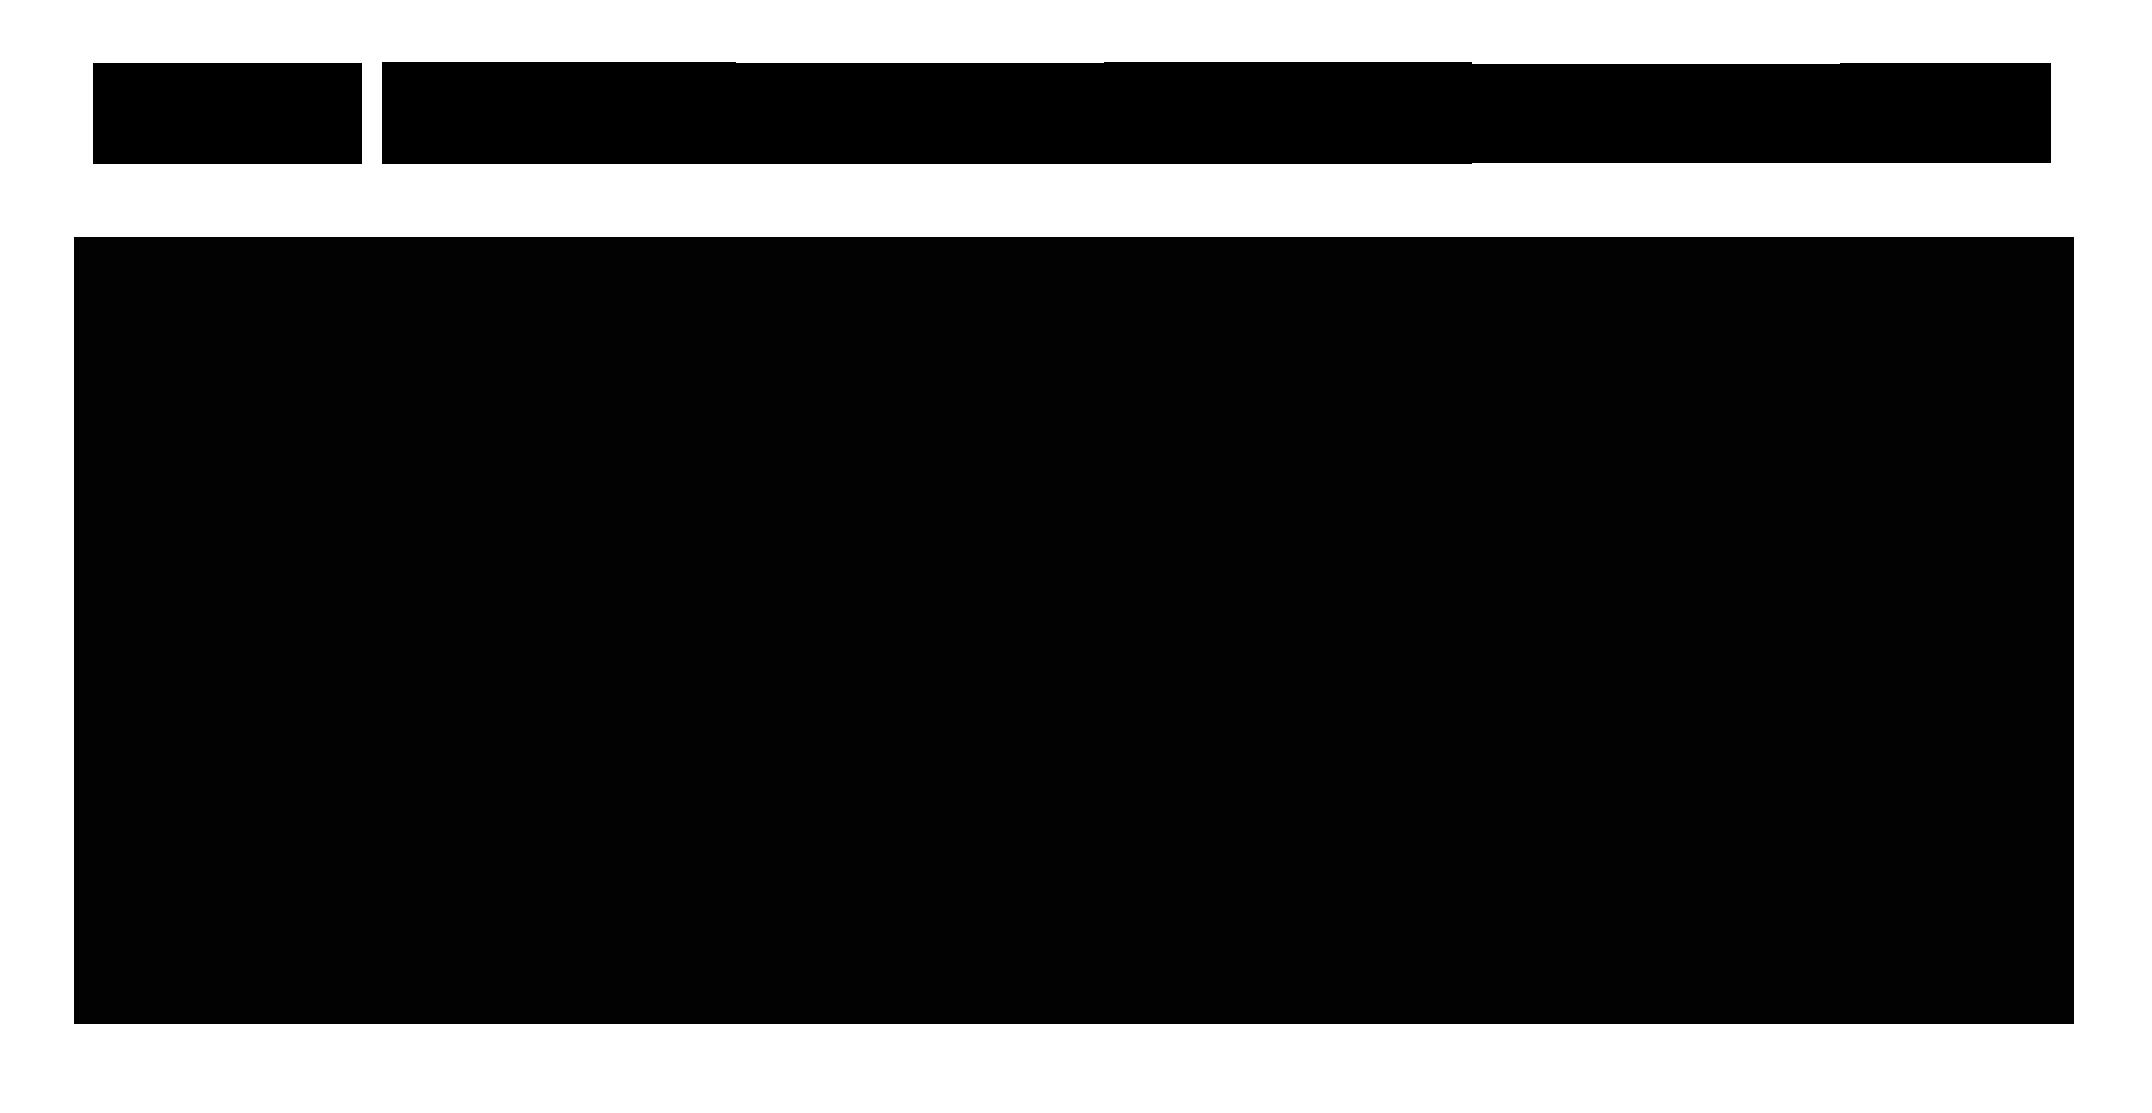 AIFVF.png